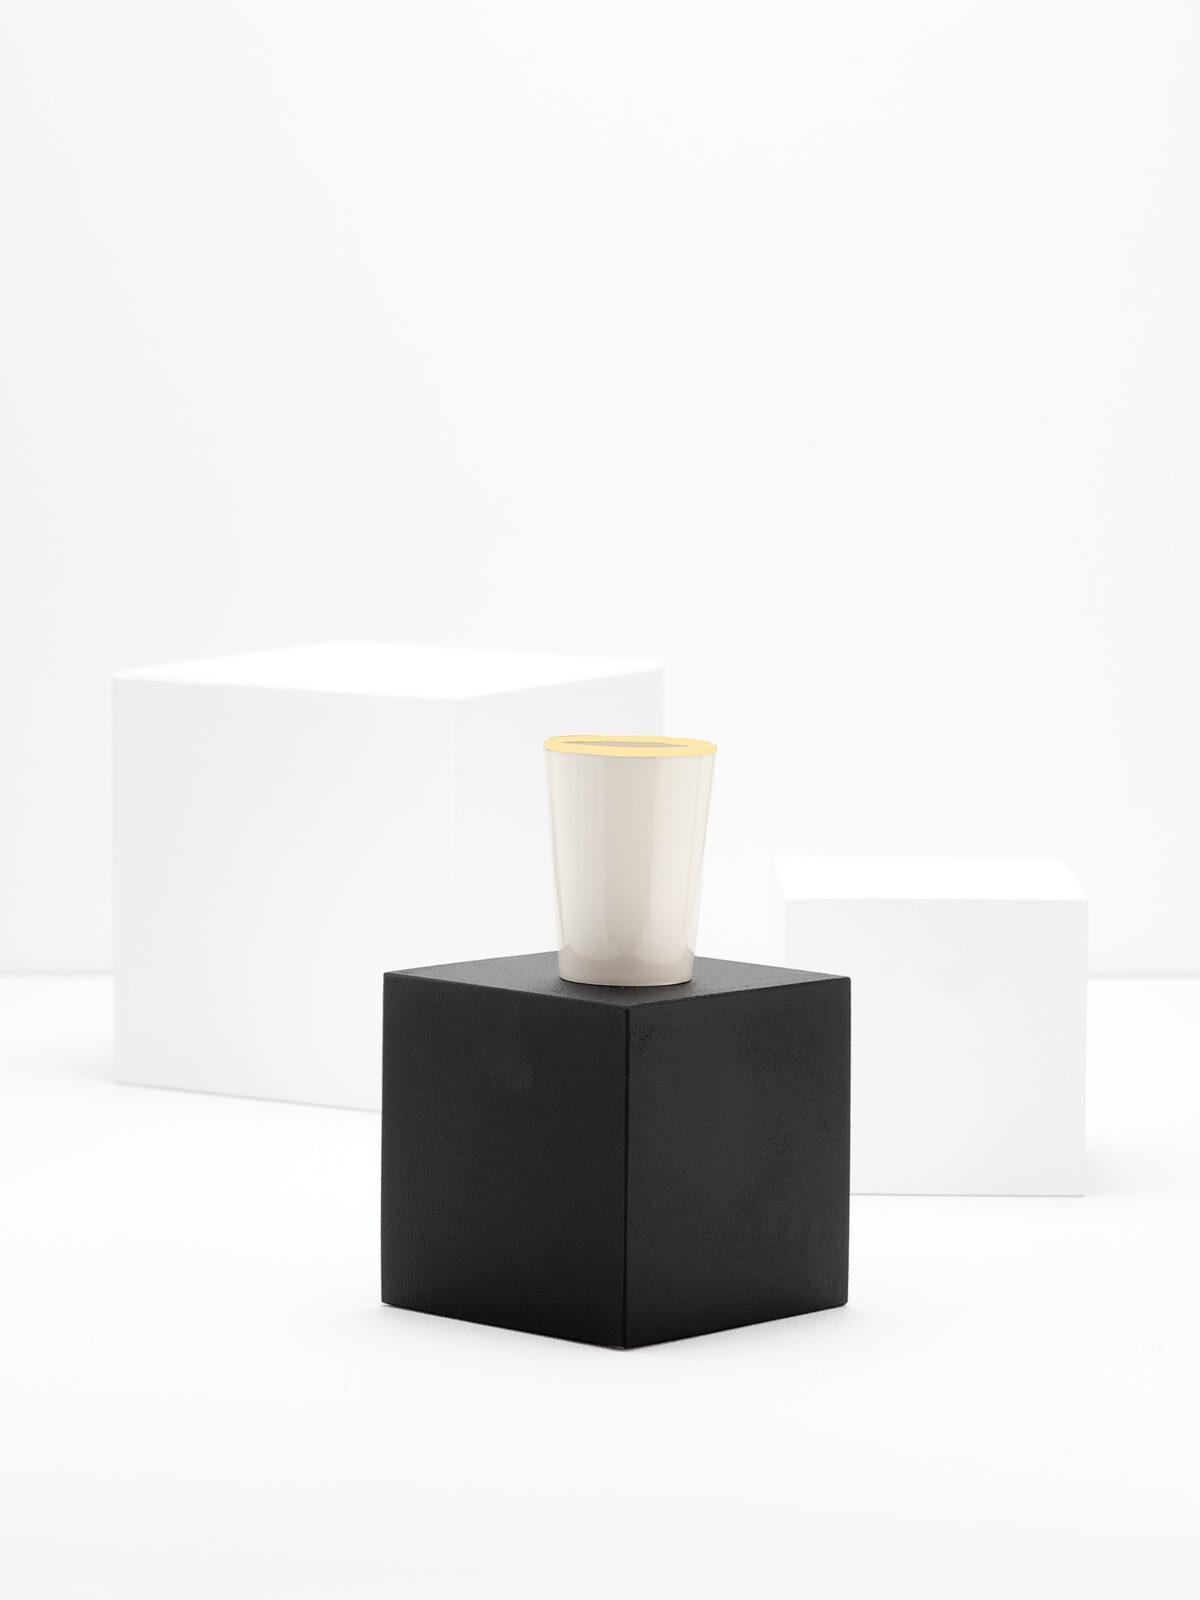 Dreamy mood espresso cup